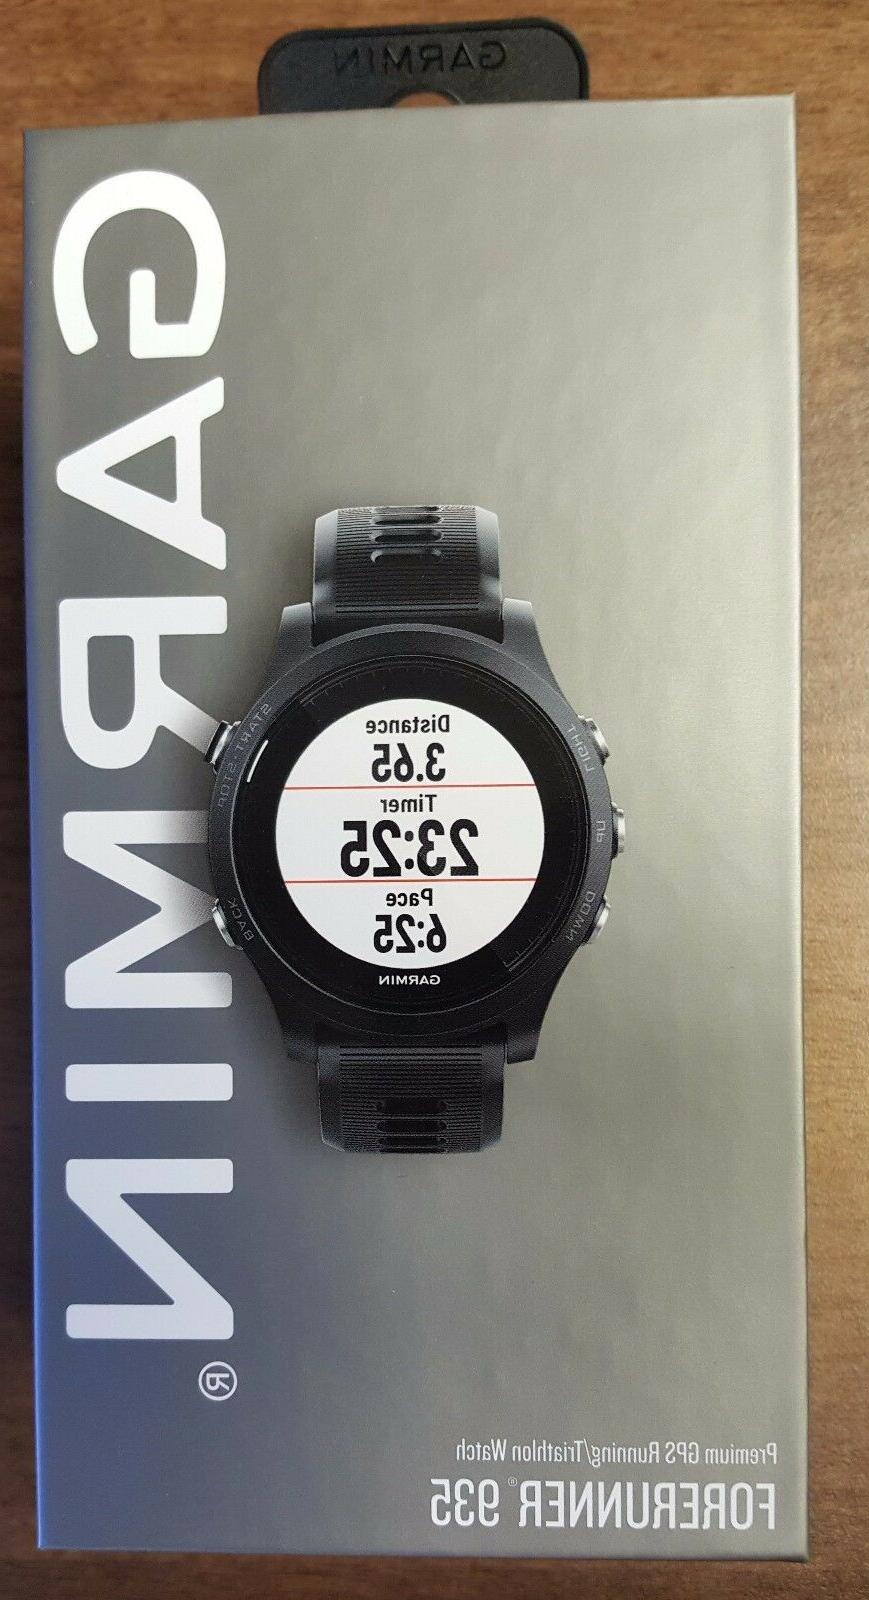 New Garmin Forerunner Triathlon Watch